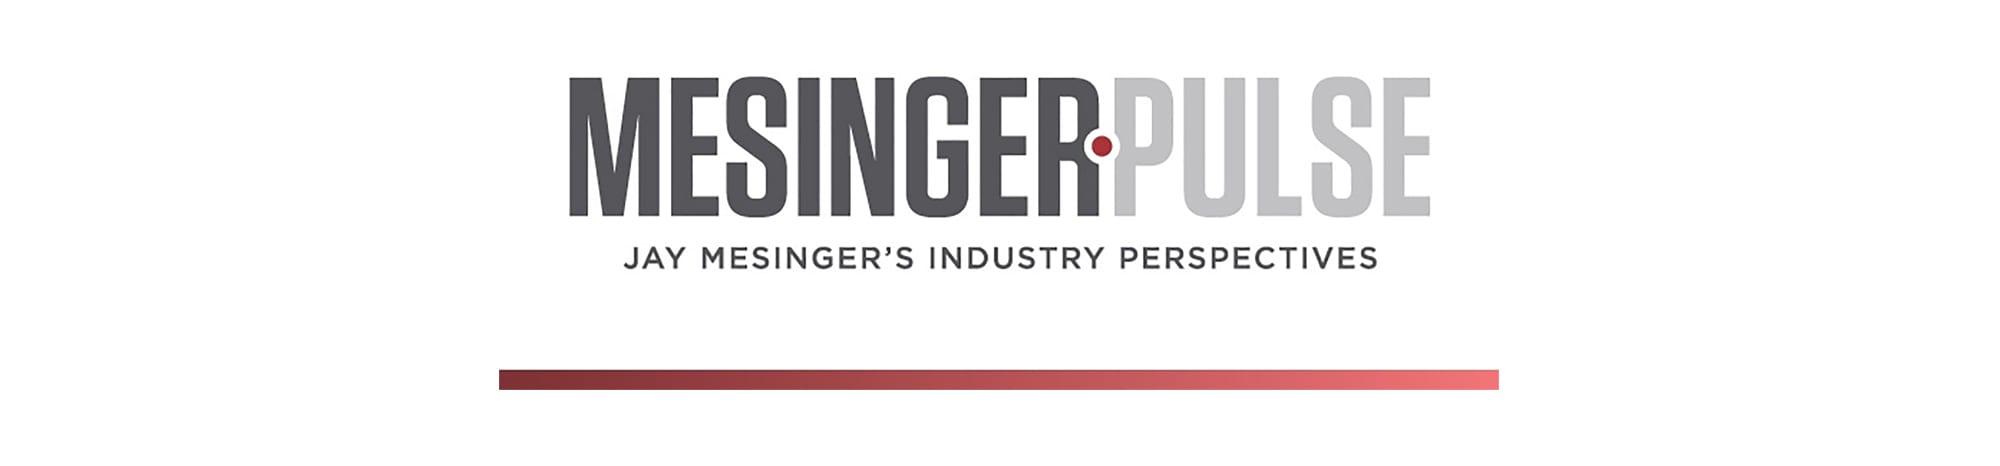 Mesinger-Pulse-11-17-2